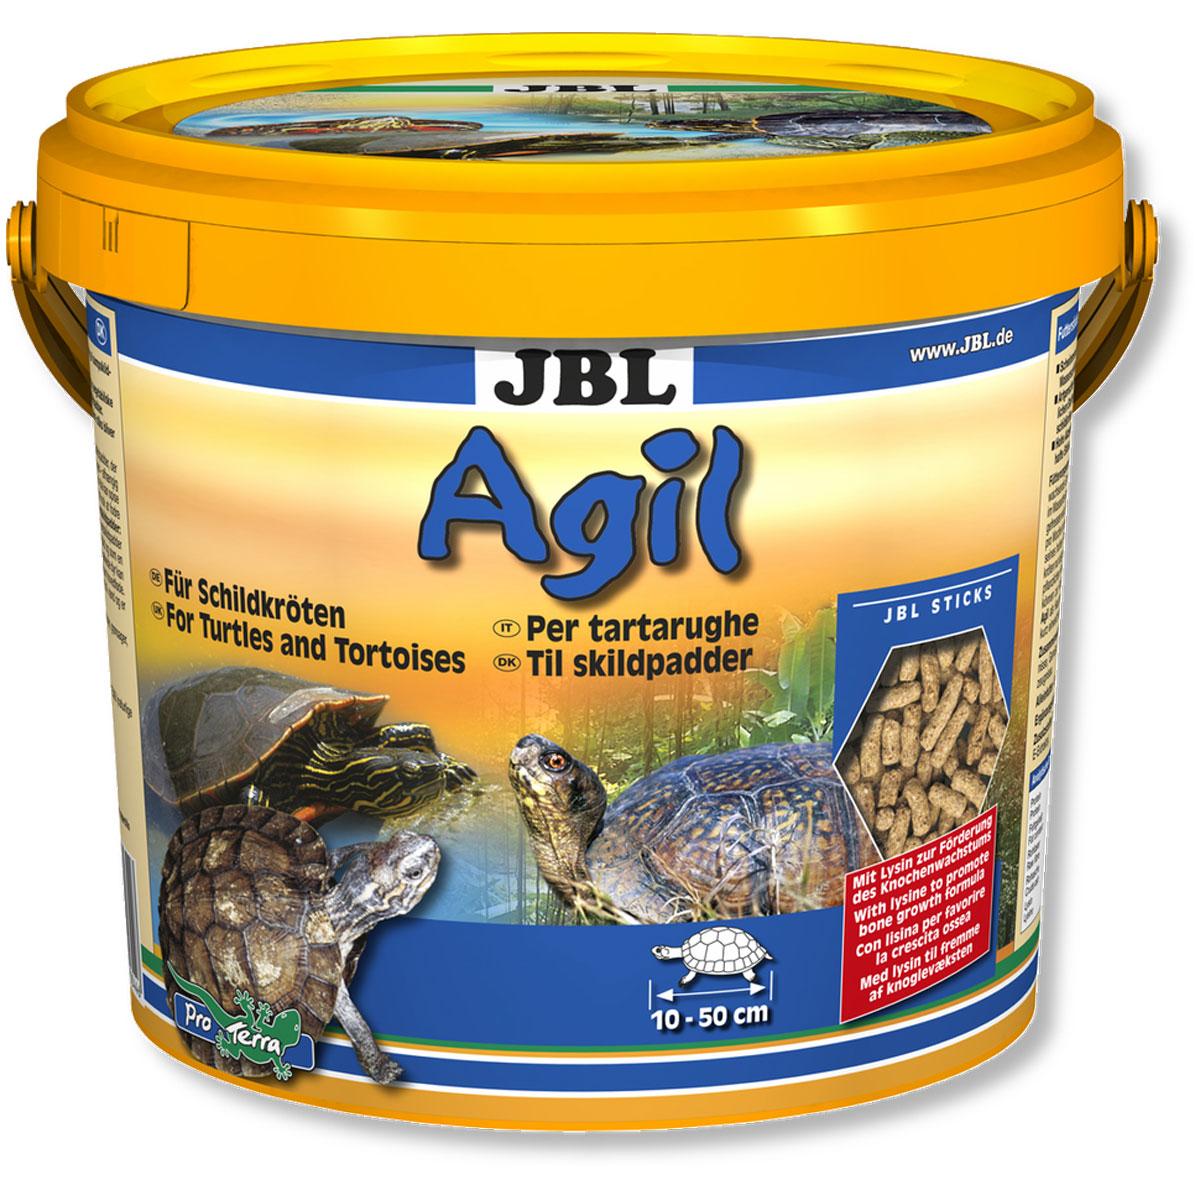 JBL Agil Питательный корм в форме палочек для черепах, 2,5 л (1000 г)0120710JBL Agil - Питательный корм в форме палочек для черепах, 2,5 л. (1000 г.)